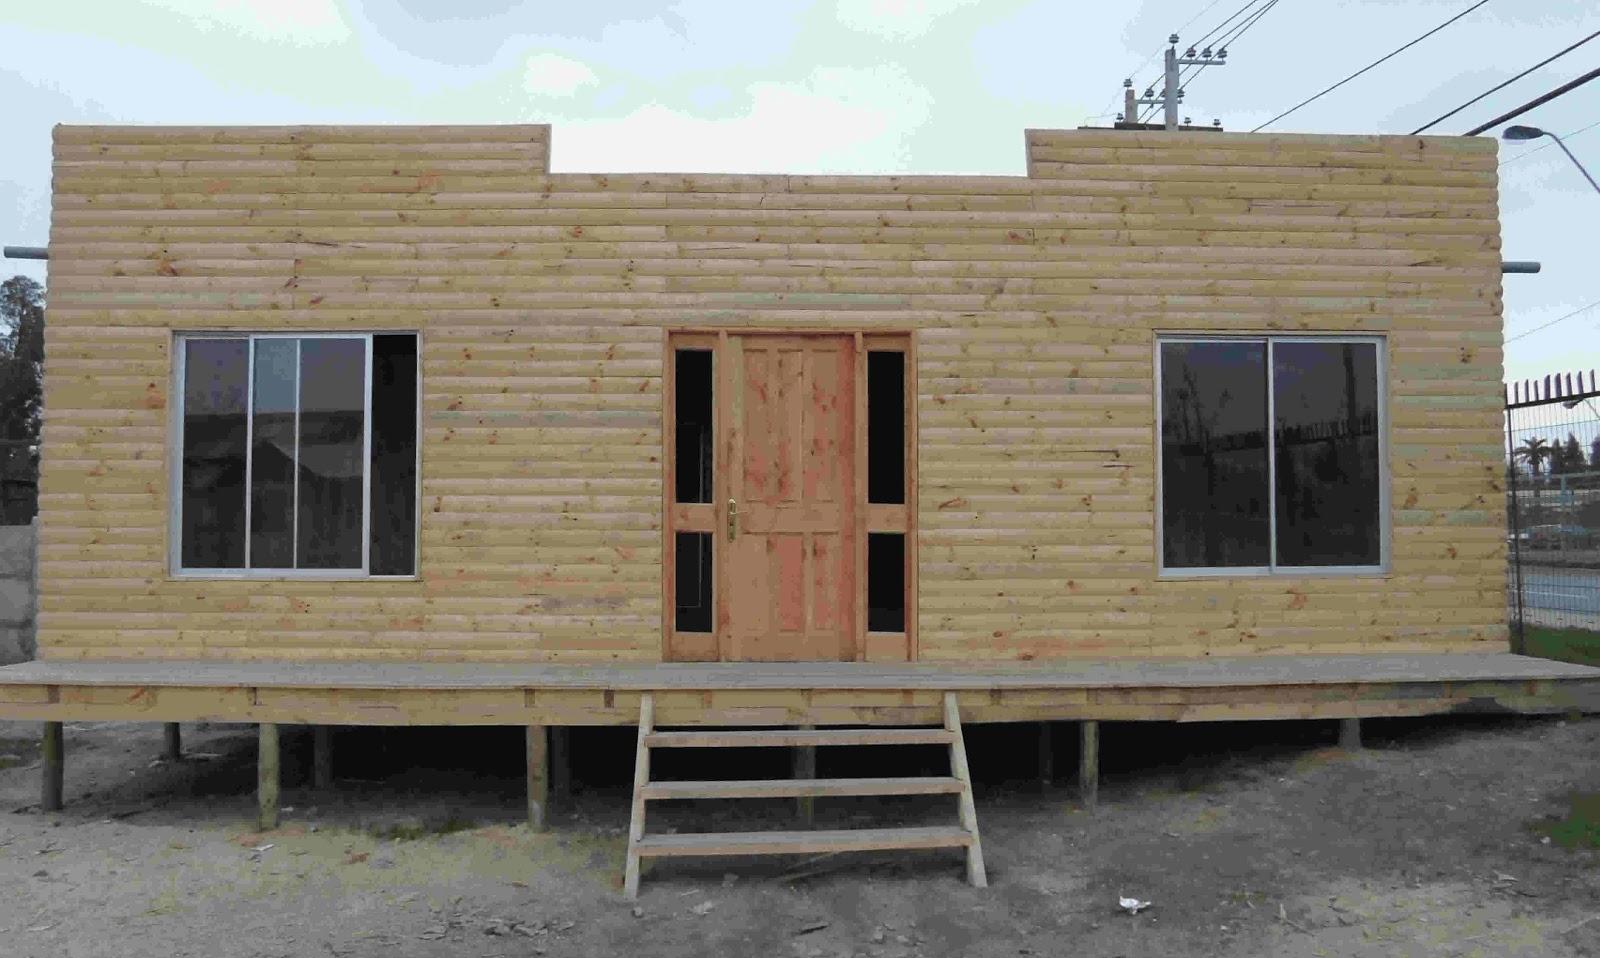 paneles exteriores forrados con lunas por carafieltro perimetral paneles frontones alto x de largo medias lunas sueltas para